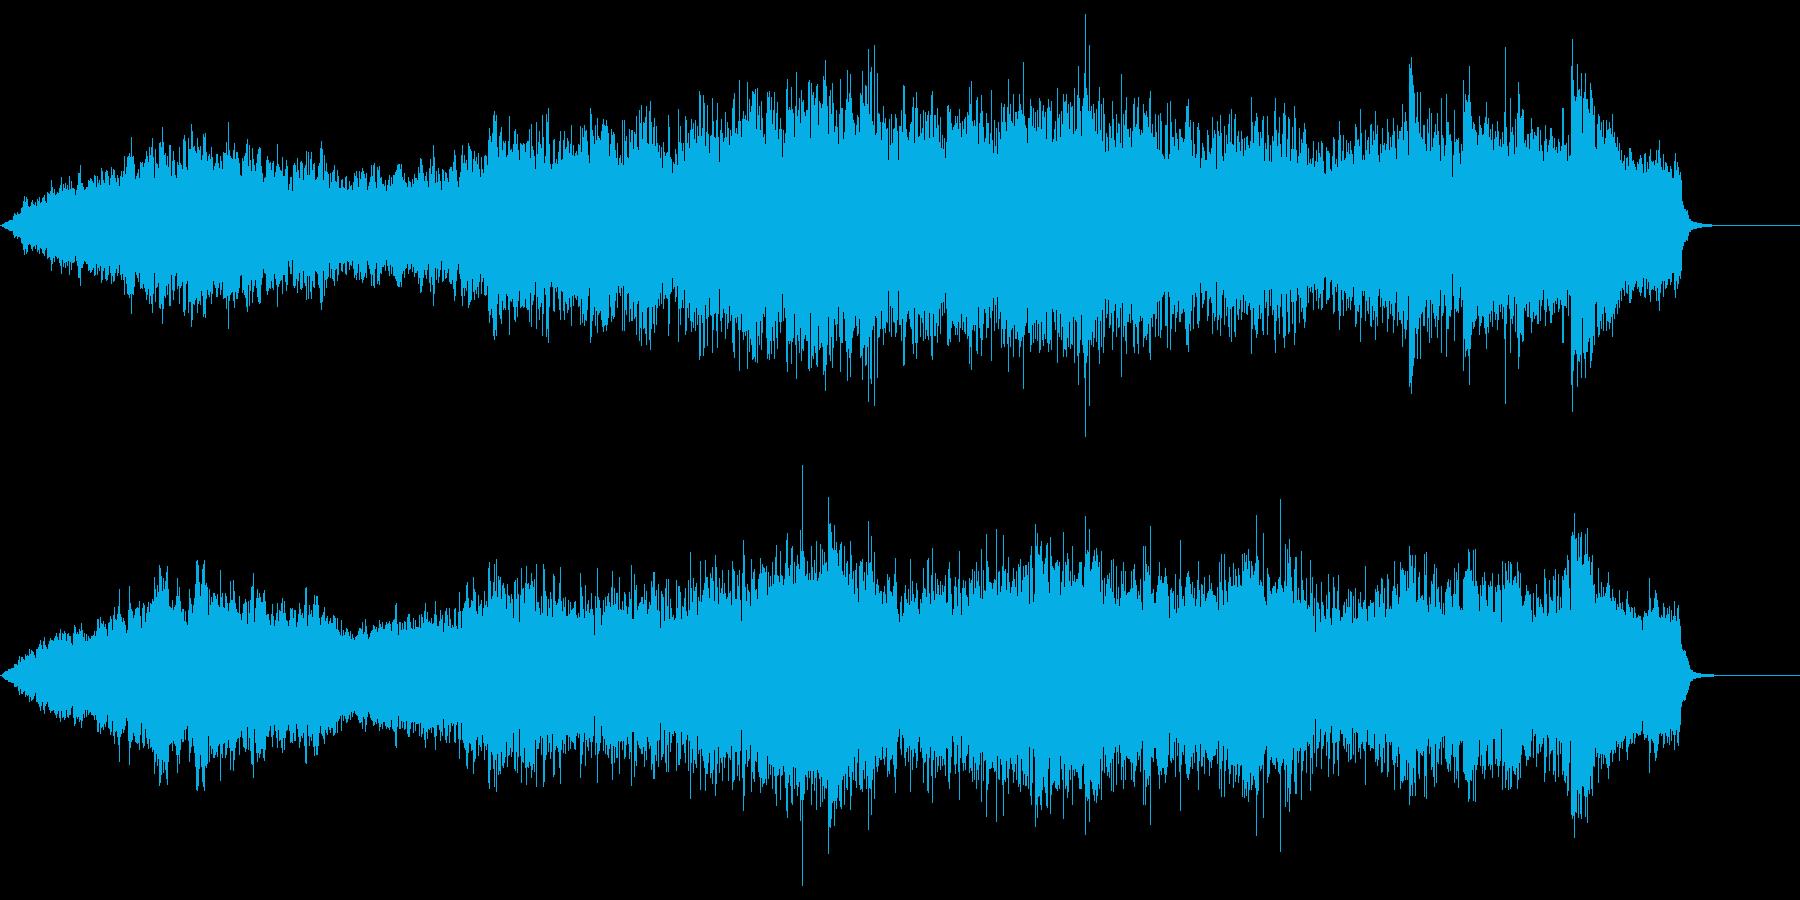 壮大に広がる弦楽器が印象的な背景音楽の再生済みの波形